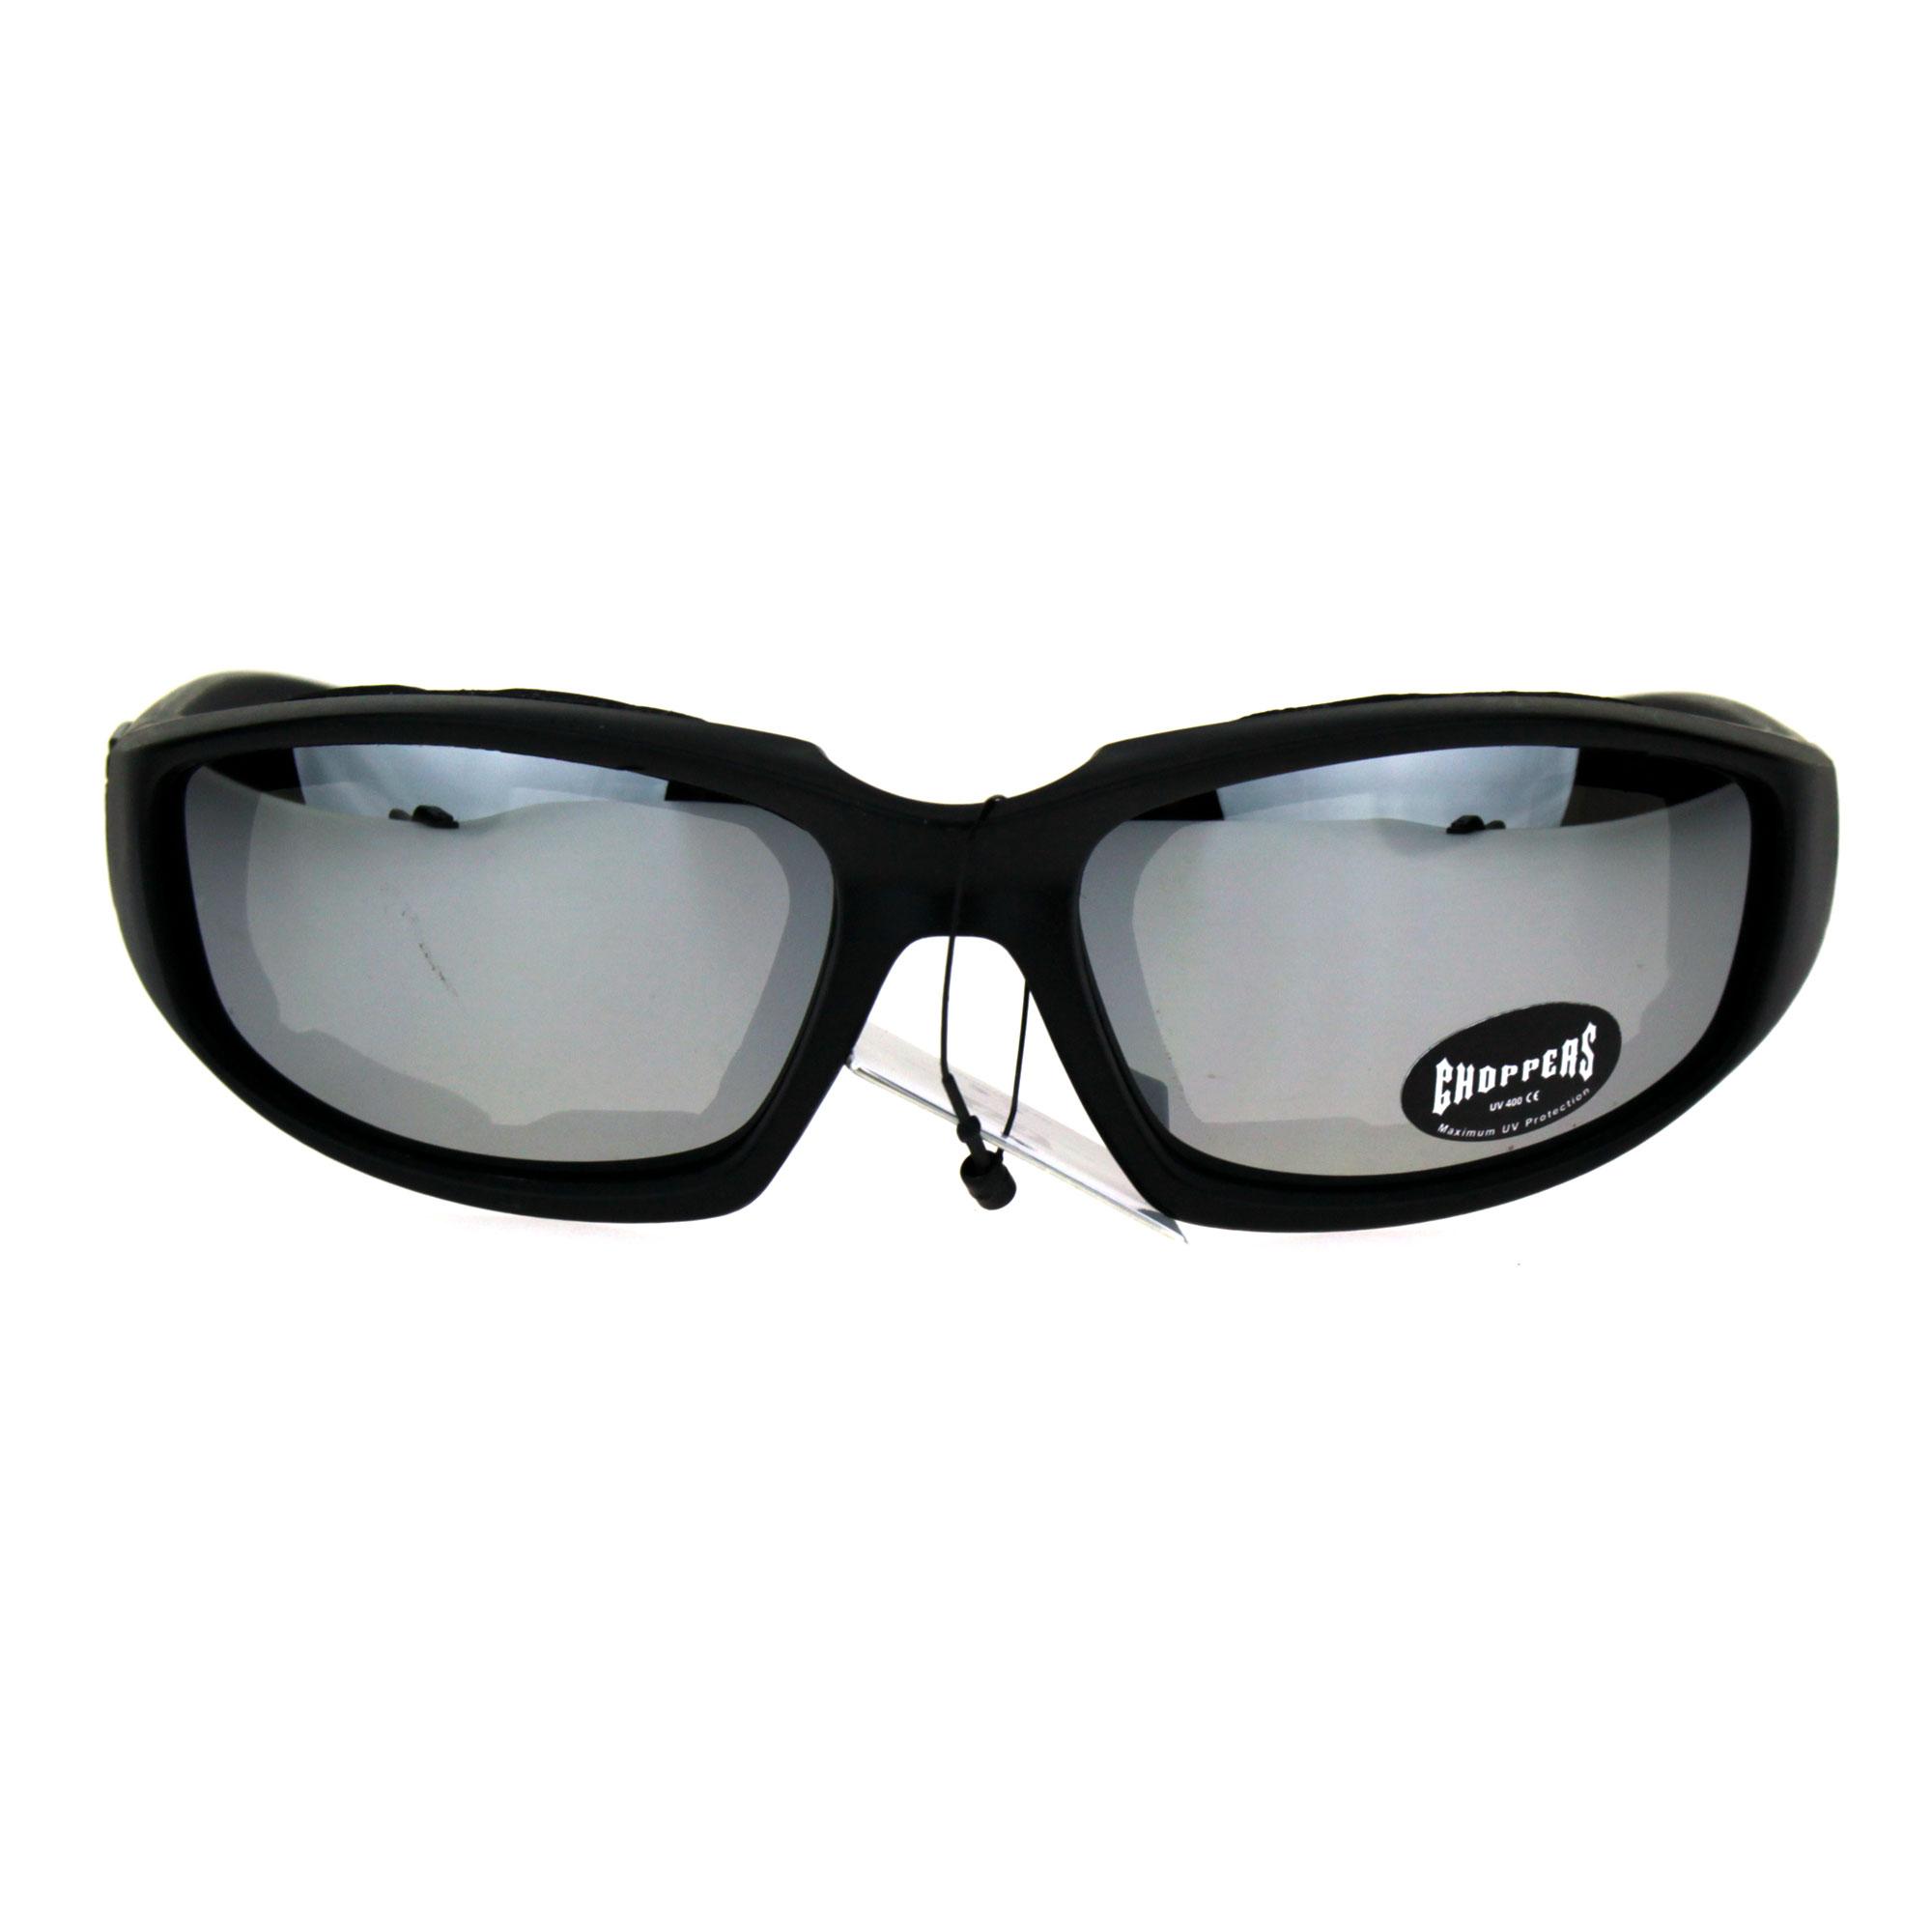 9bb0e79e989 Choppers Foam Padded Biker Wind Breaker Motorcycle Riding Sunglasses ...